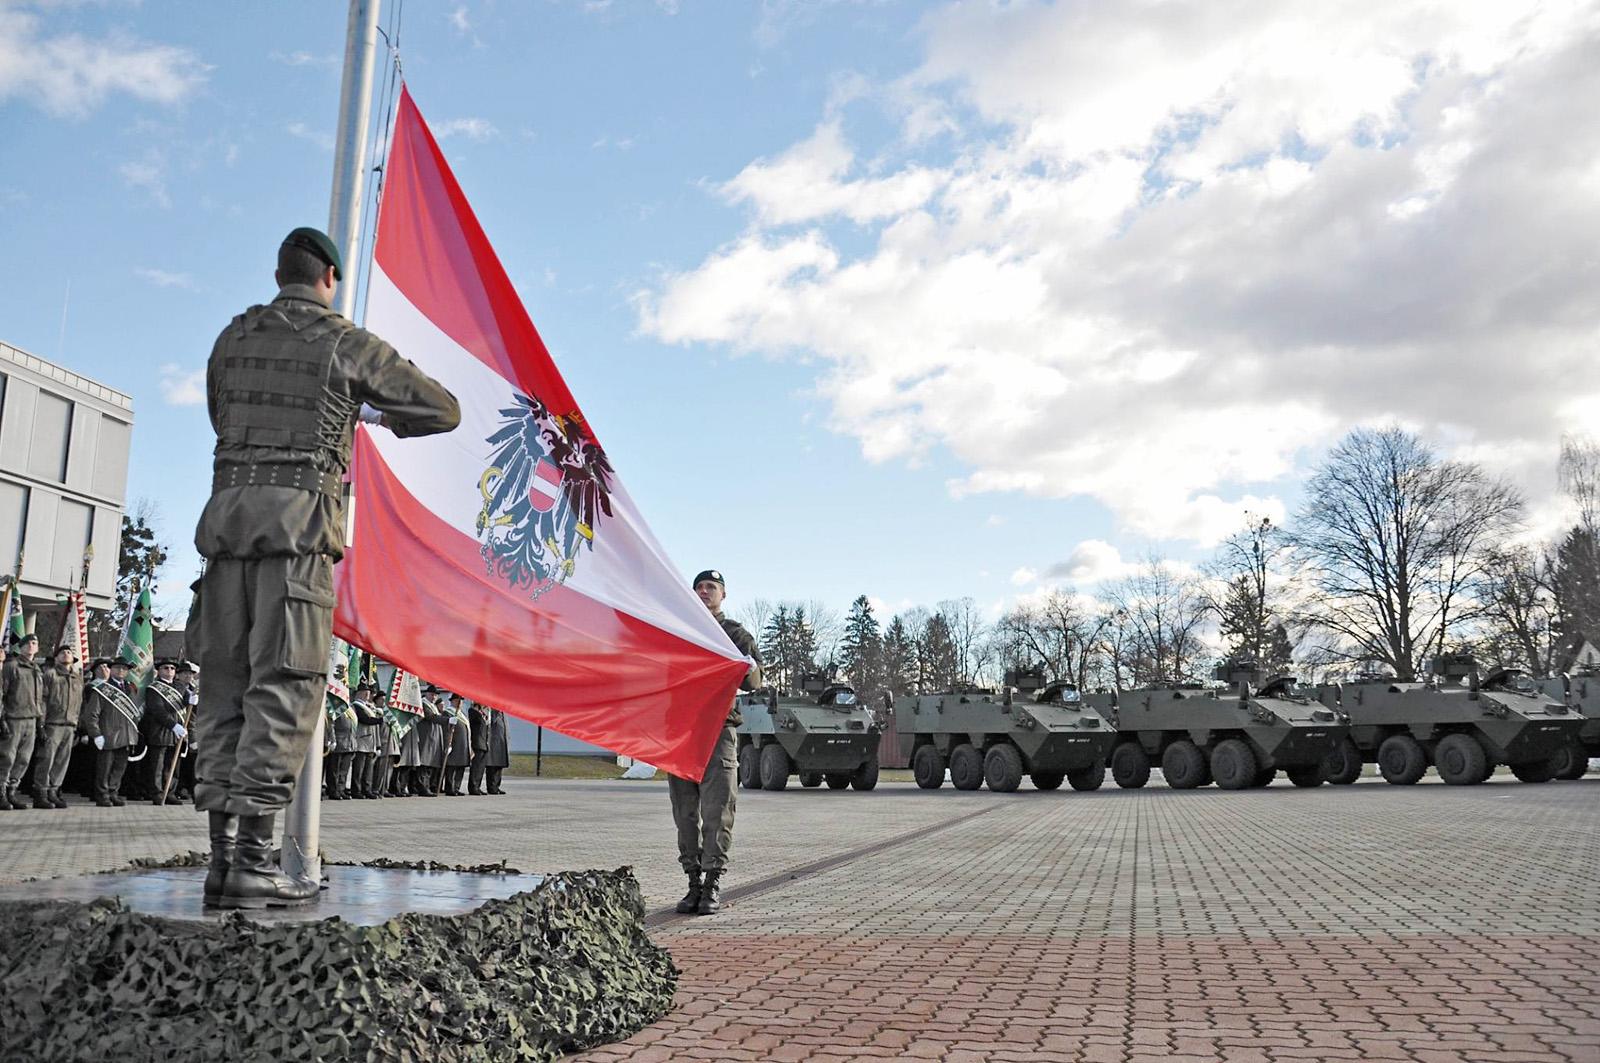 Festakt zur Übergabe der PANDUR EVO © Bundesheer